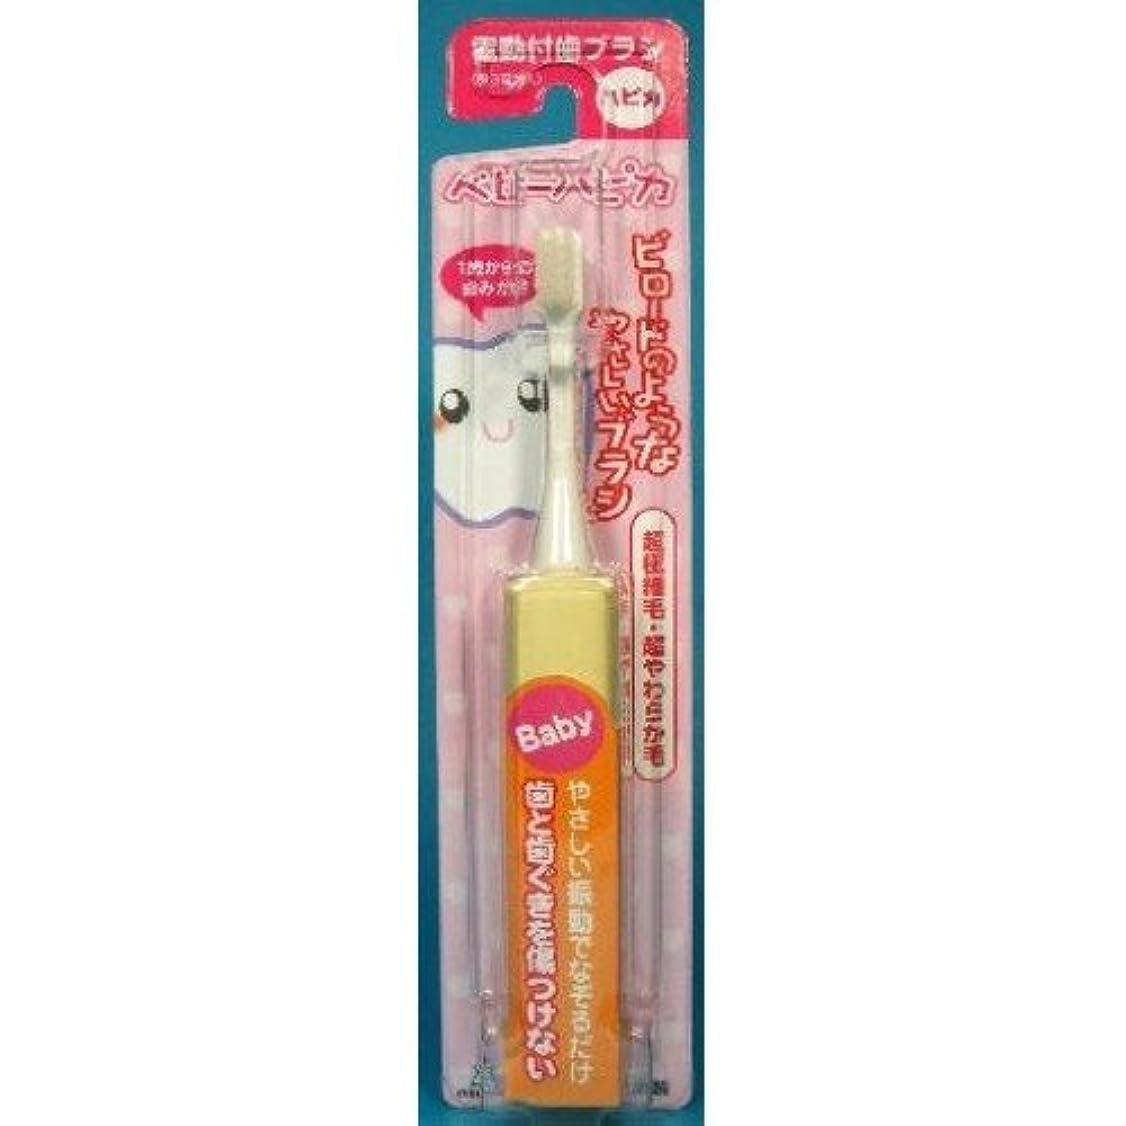 風刺れんが隙間ミニマム 電動付歯ブラシ ベビーハピカ イエロー 毛の硬さ:超やわらかめ DBB-1Y(BP)